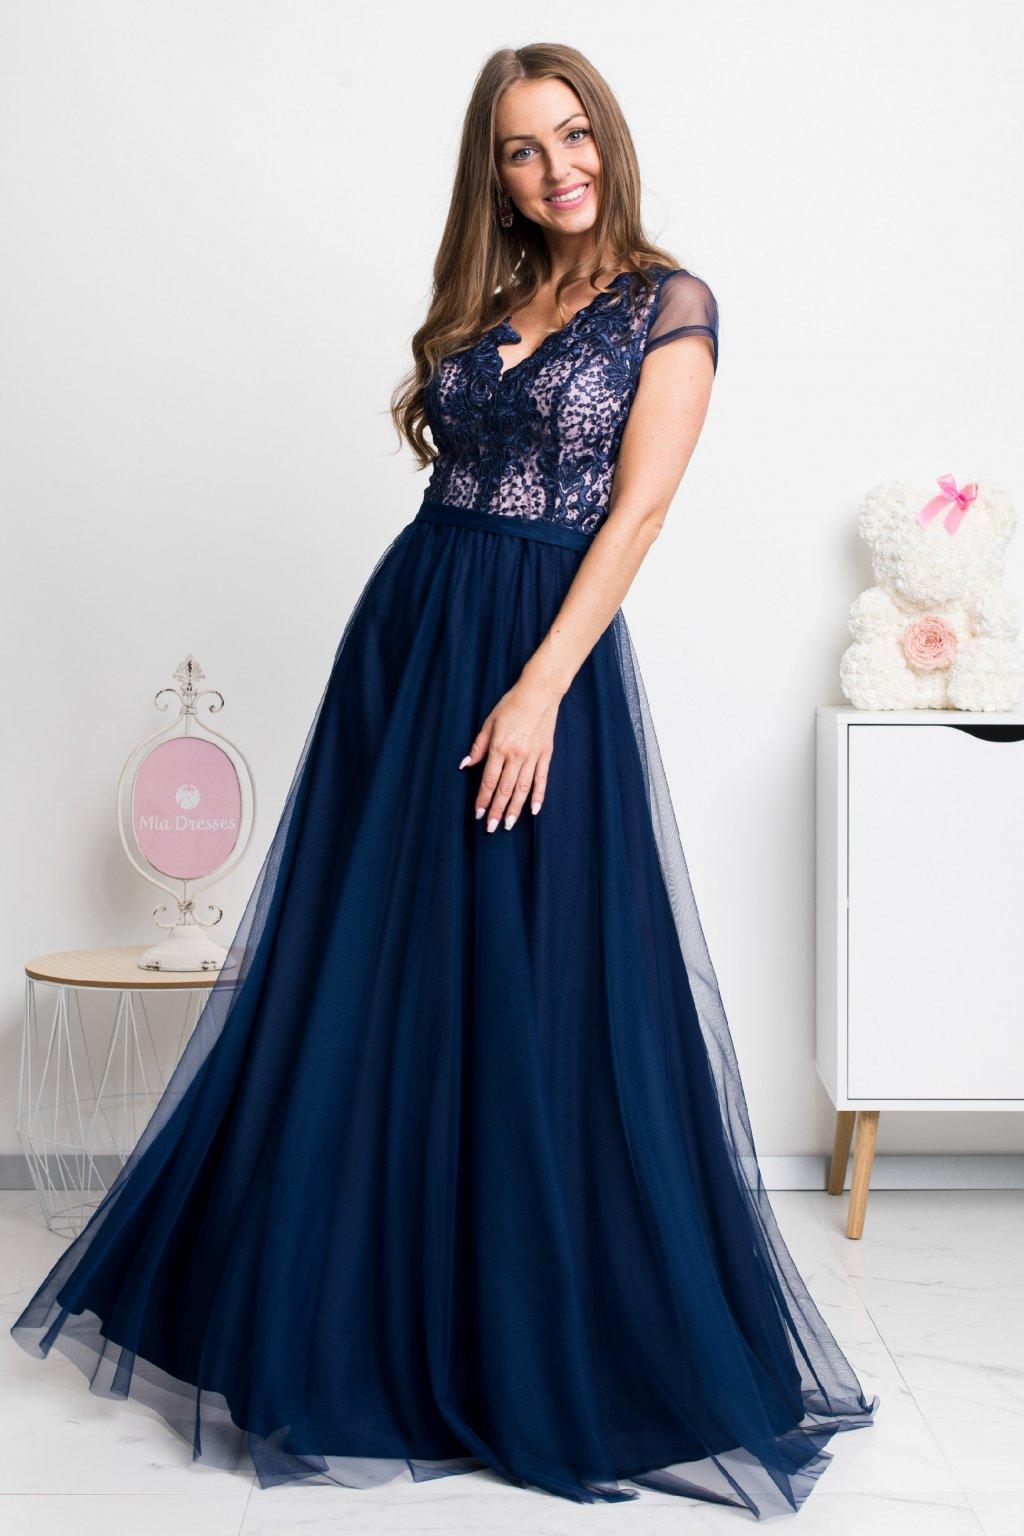 Tmavomodré spoločenské šaty s tylovou sukňou a krajkou